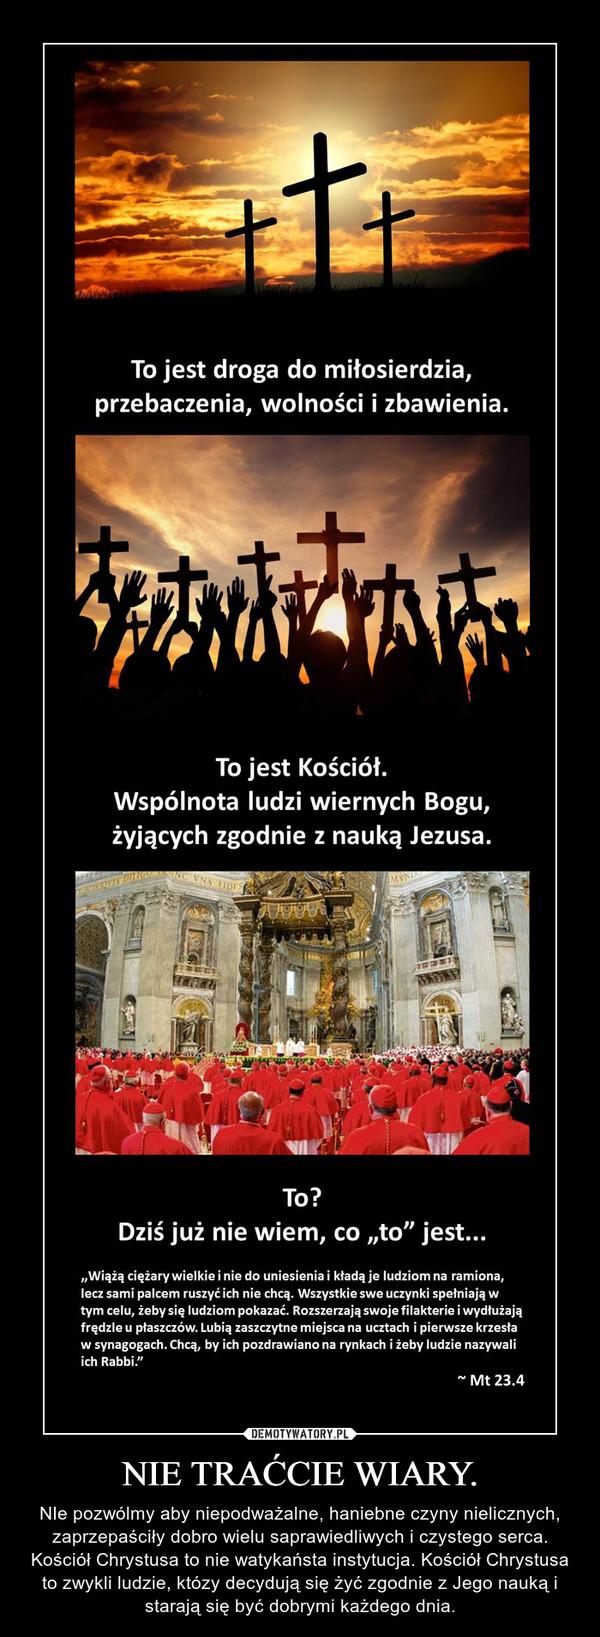 NIE TRAĆCIE WIARY. – NIe pozwólmy aby niepodważalne, haniebne czyny nielicznych, zaprzepaściły dobro wielu saprawiedliwych i czystego serca. Kościół Chrystusa to nie watykaństa instytucja. Kościół Chrystusa to zwykli ludzie, któzy decydują się żyć zgodnie z Jego nauką i starają się być dobrymi każdego dnia.